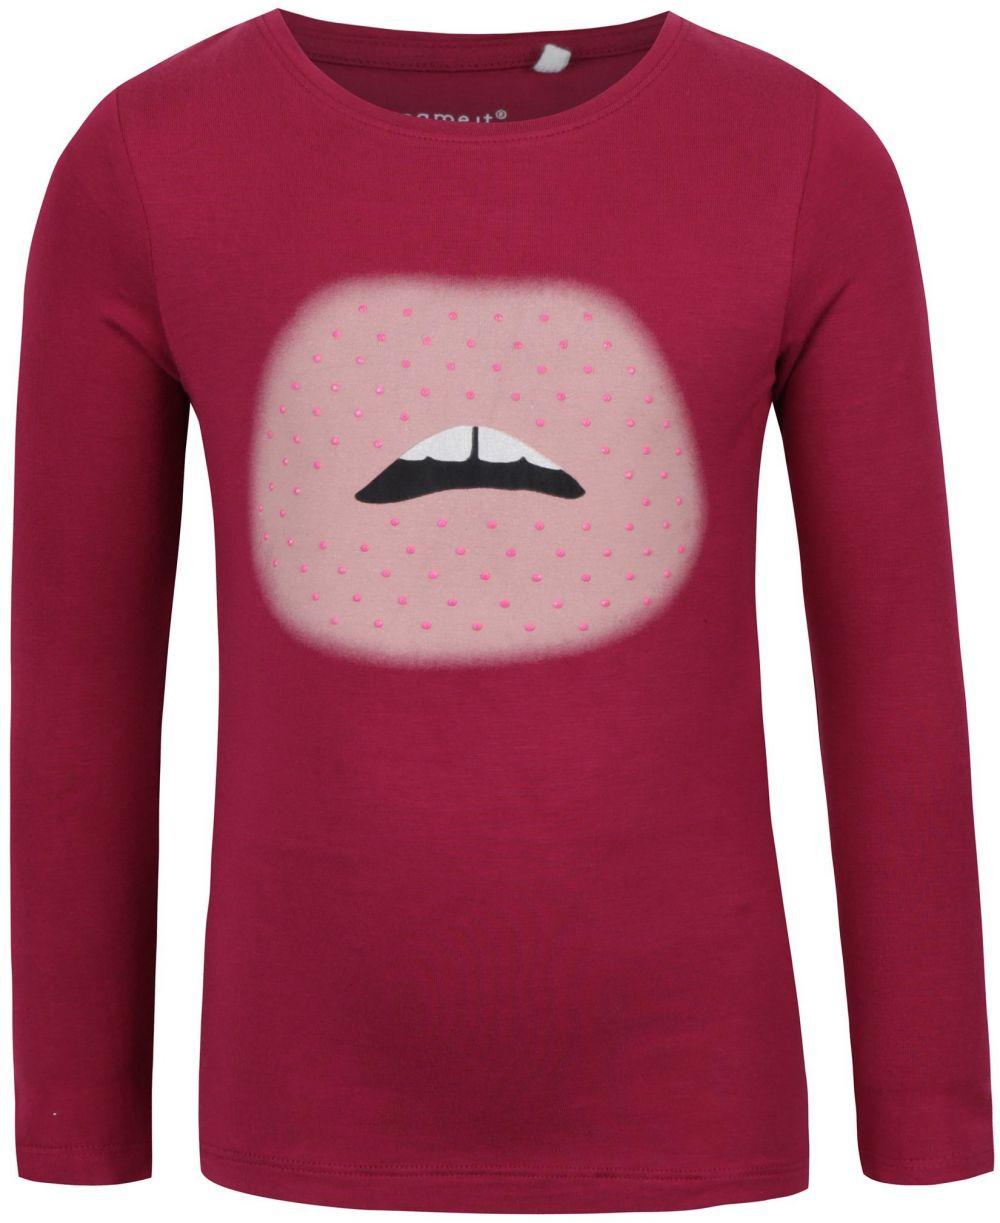 3dd6af41dbf7 Ružové dievčenské tričko s potlačou a dlhým rukávom name it Hips značky  name it - Lovely.sk